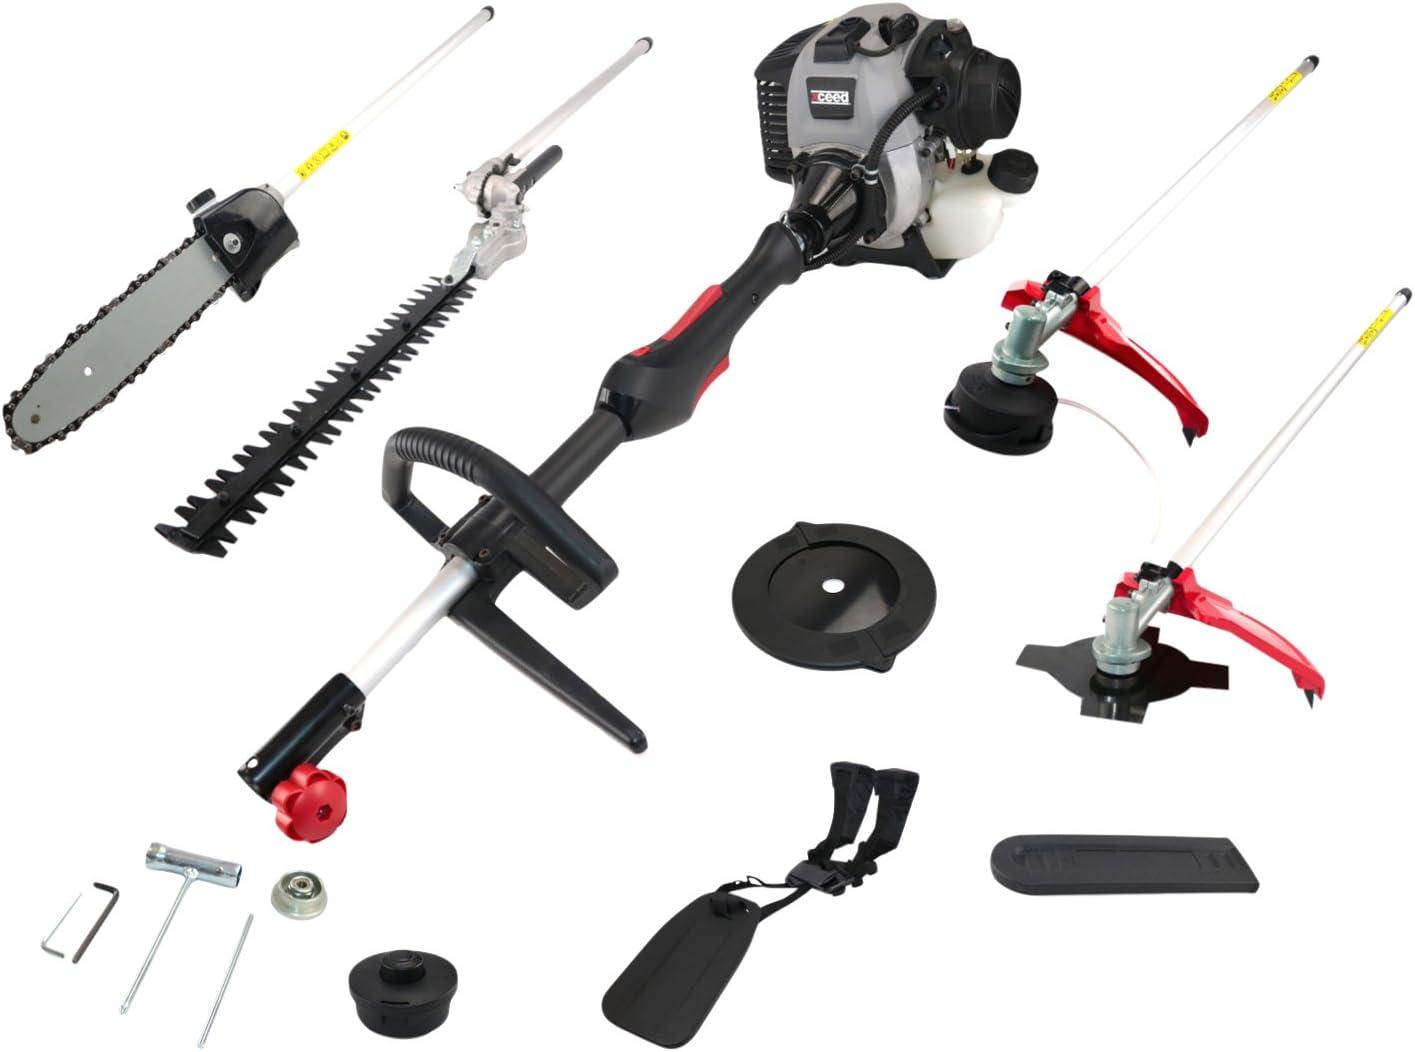 Xceed EX52BC Multiherramienta de jardín 55cc 4 en 1: cortabordes/desbrozadora/cortasetos/motosierra: Amazon.es: Bricolaje y herramientas